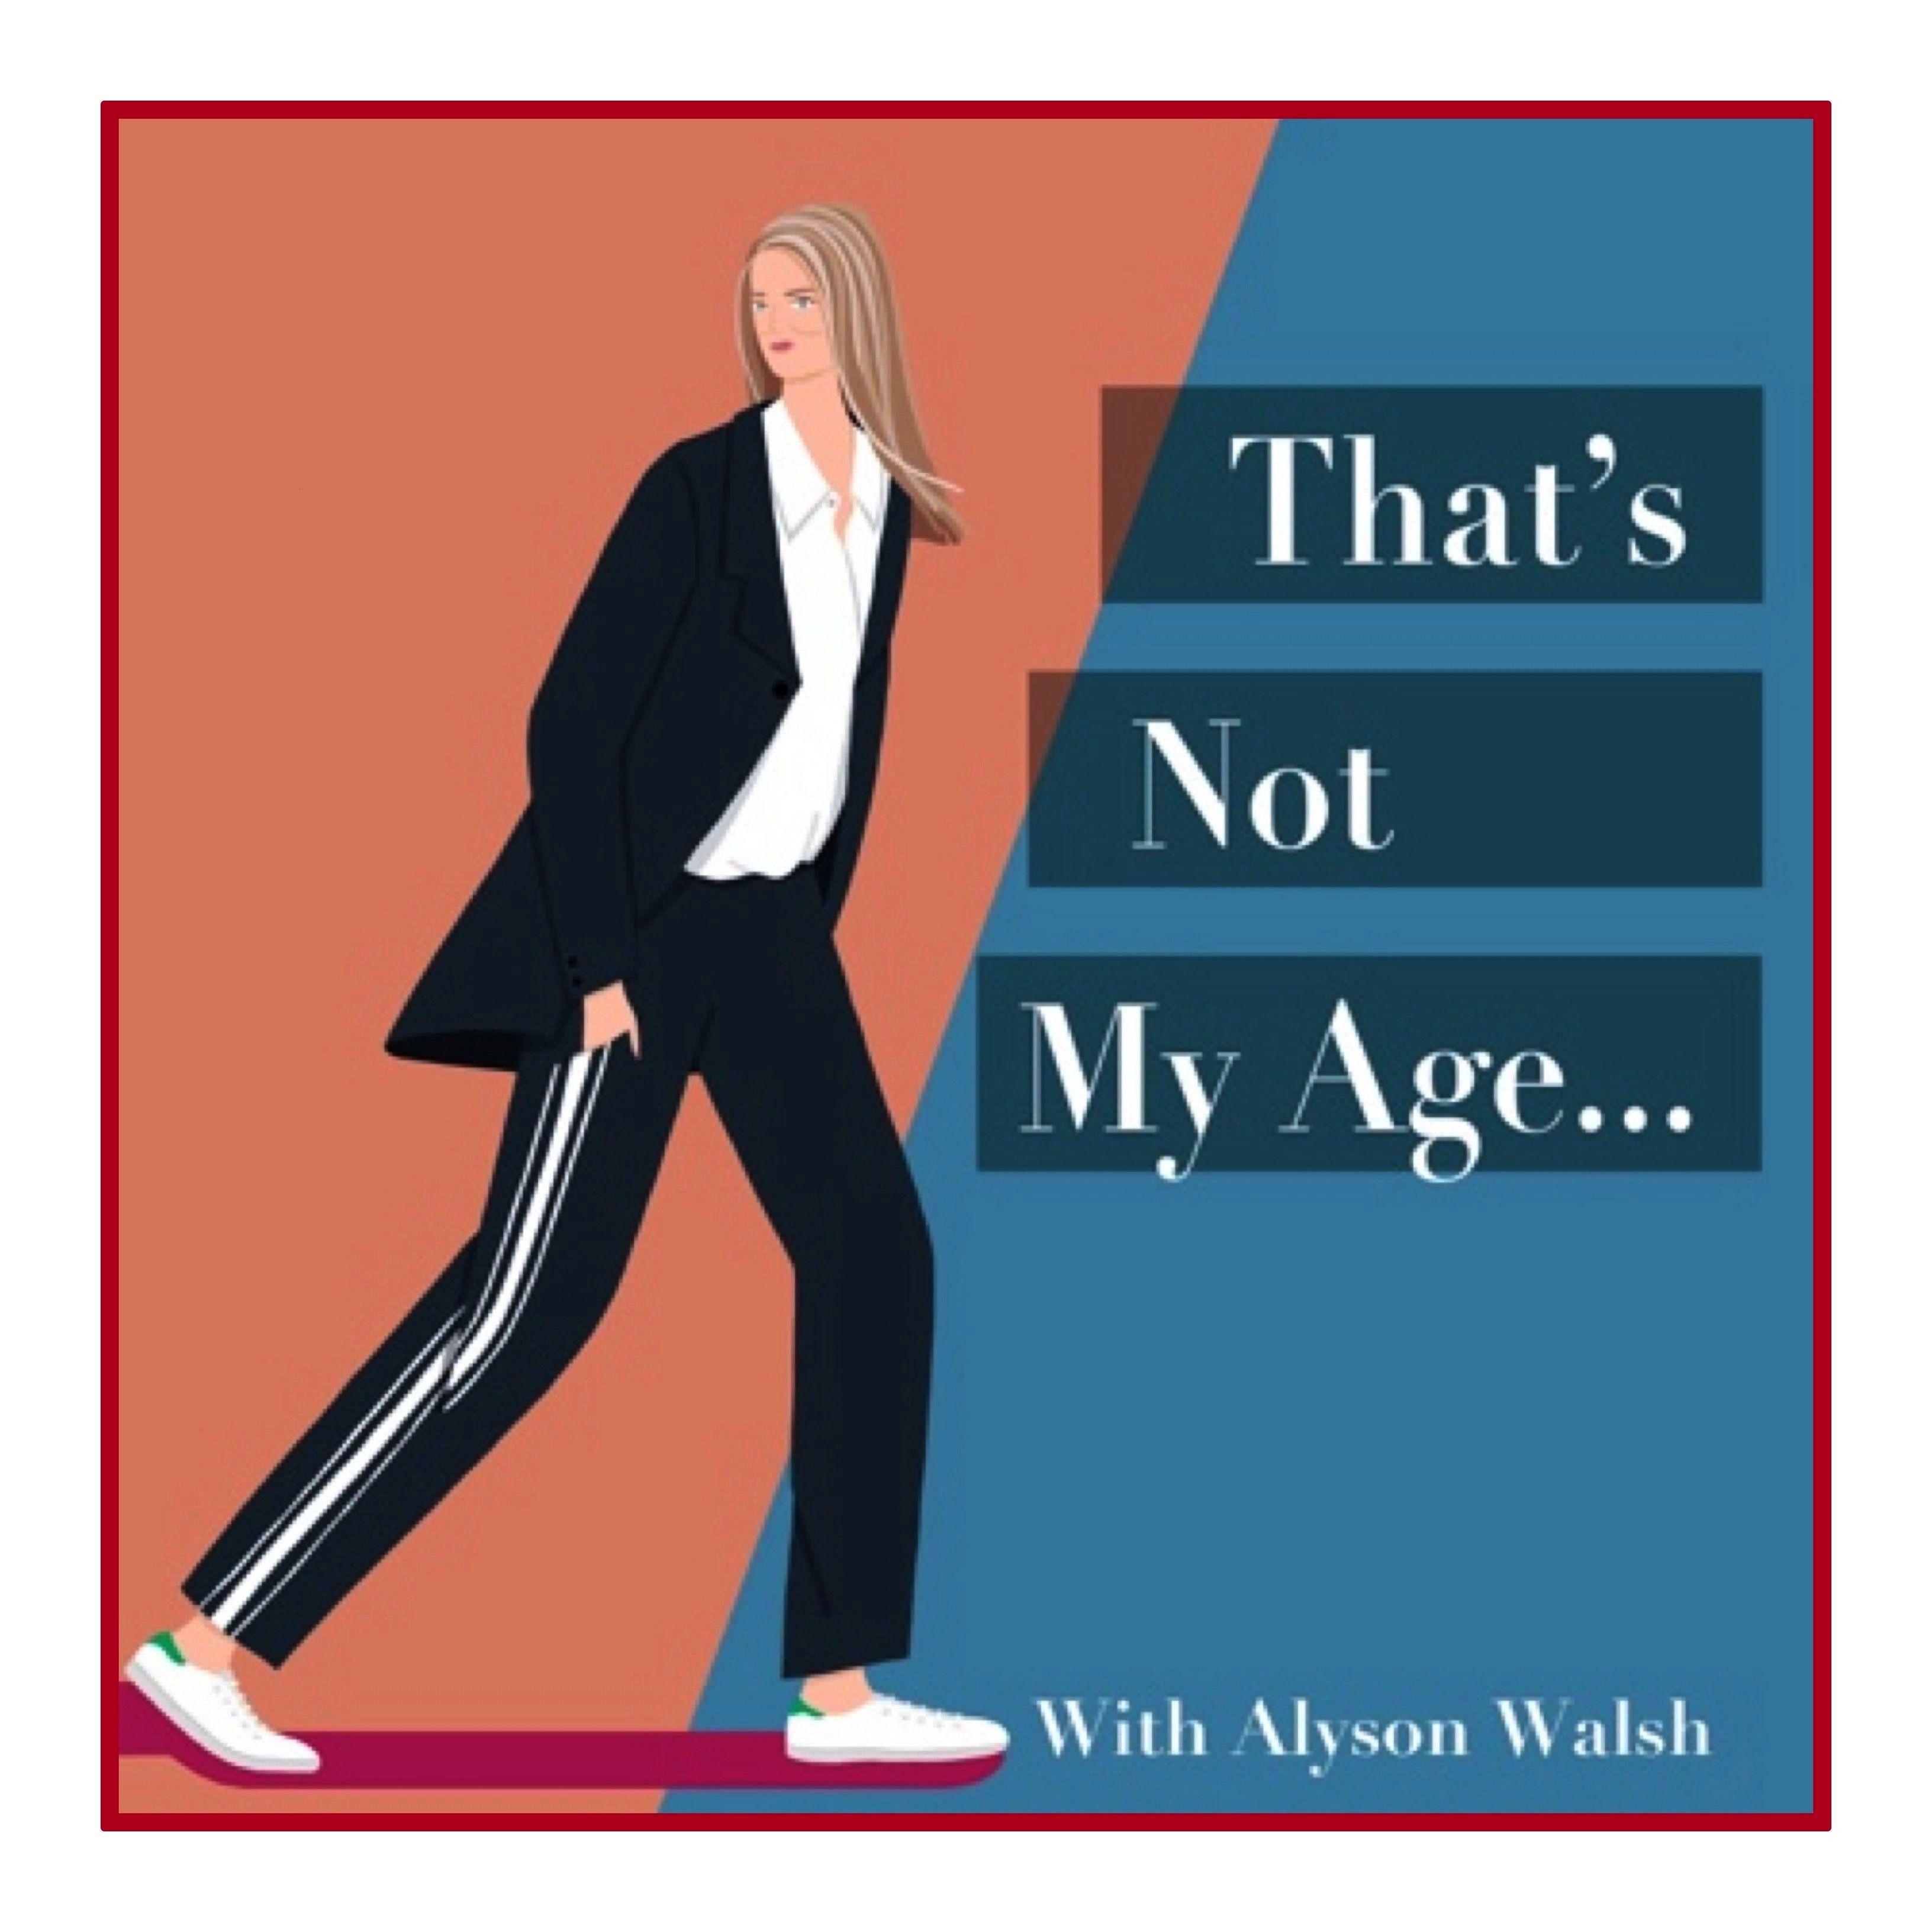 ist nicht mein Alter Podcast Episode 6 Ruby Hammer  Das ist nicht mein Alter  Ruby Hammer spricht mit uns über die Einführung ihrer neuen Kapselkollektion mit S...